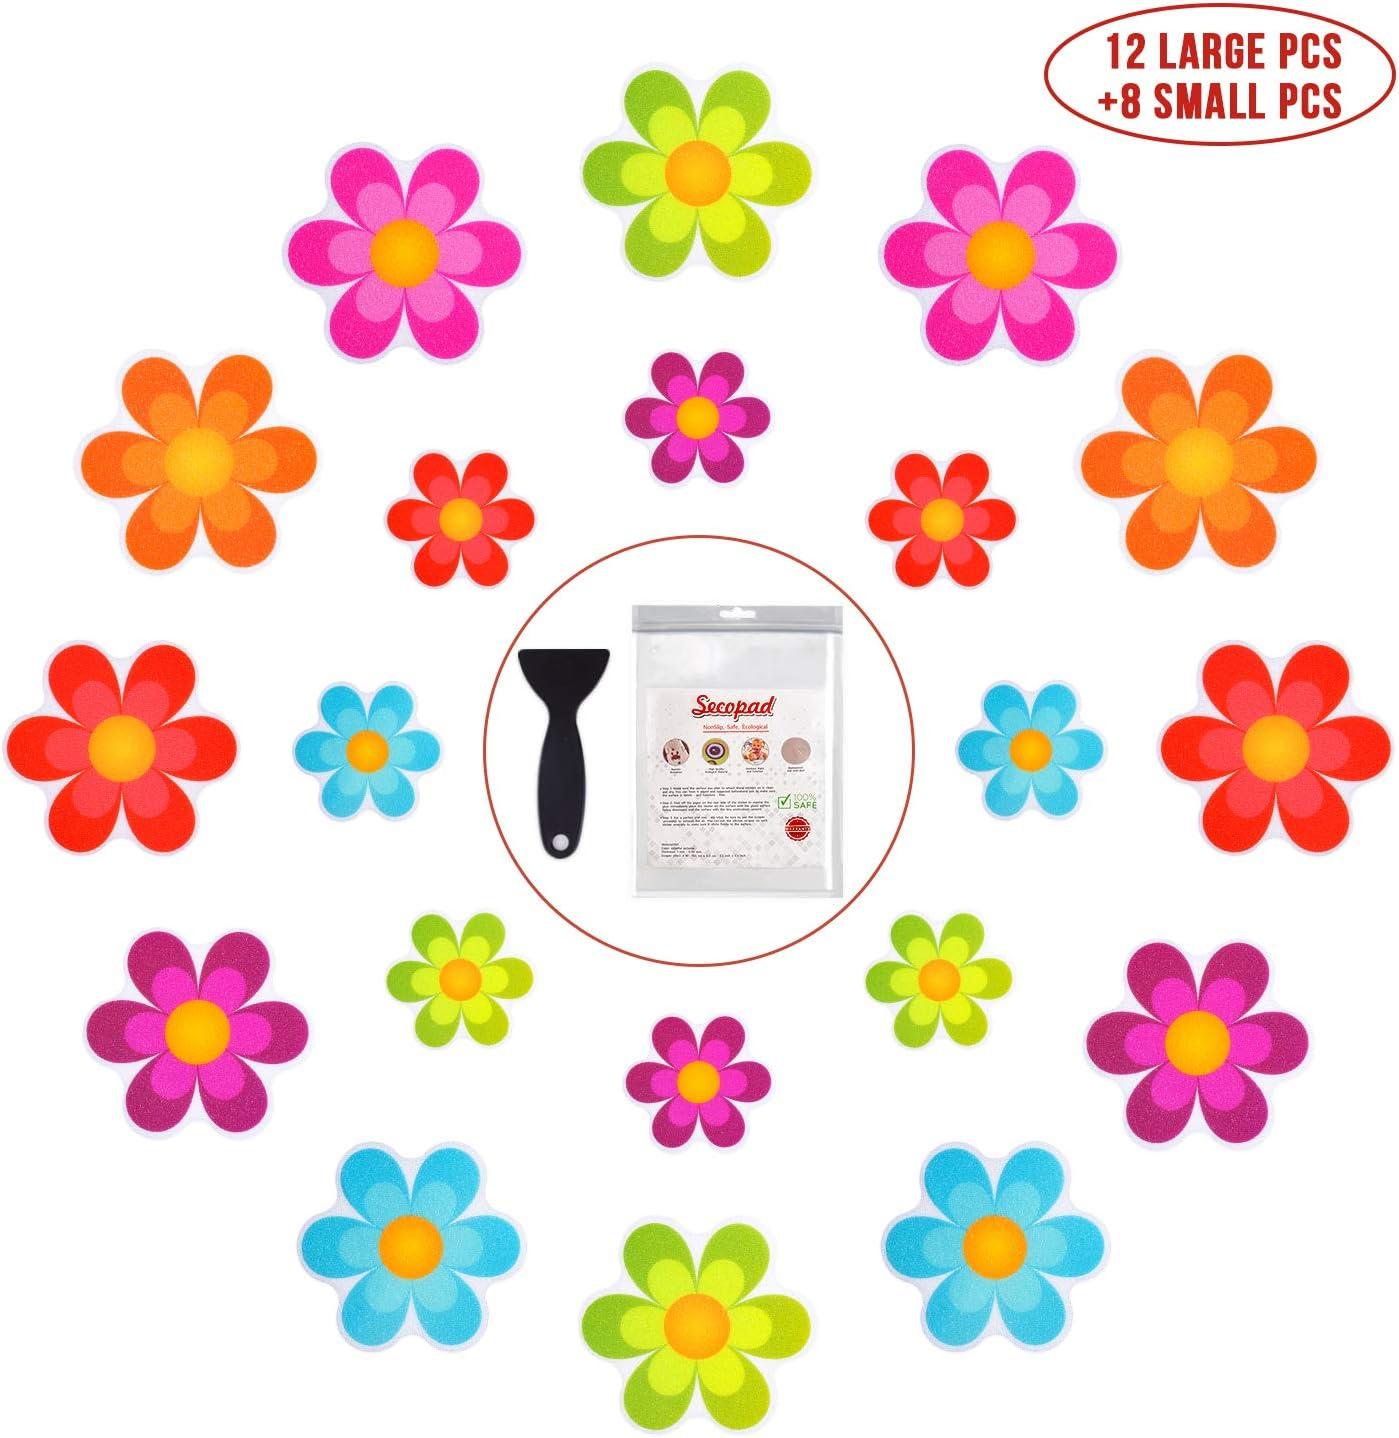 Non-Slip Applique Mat Stickers Bath Tub Shower Bathroom Stairway Safety Flower